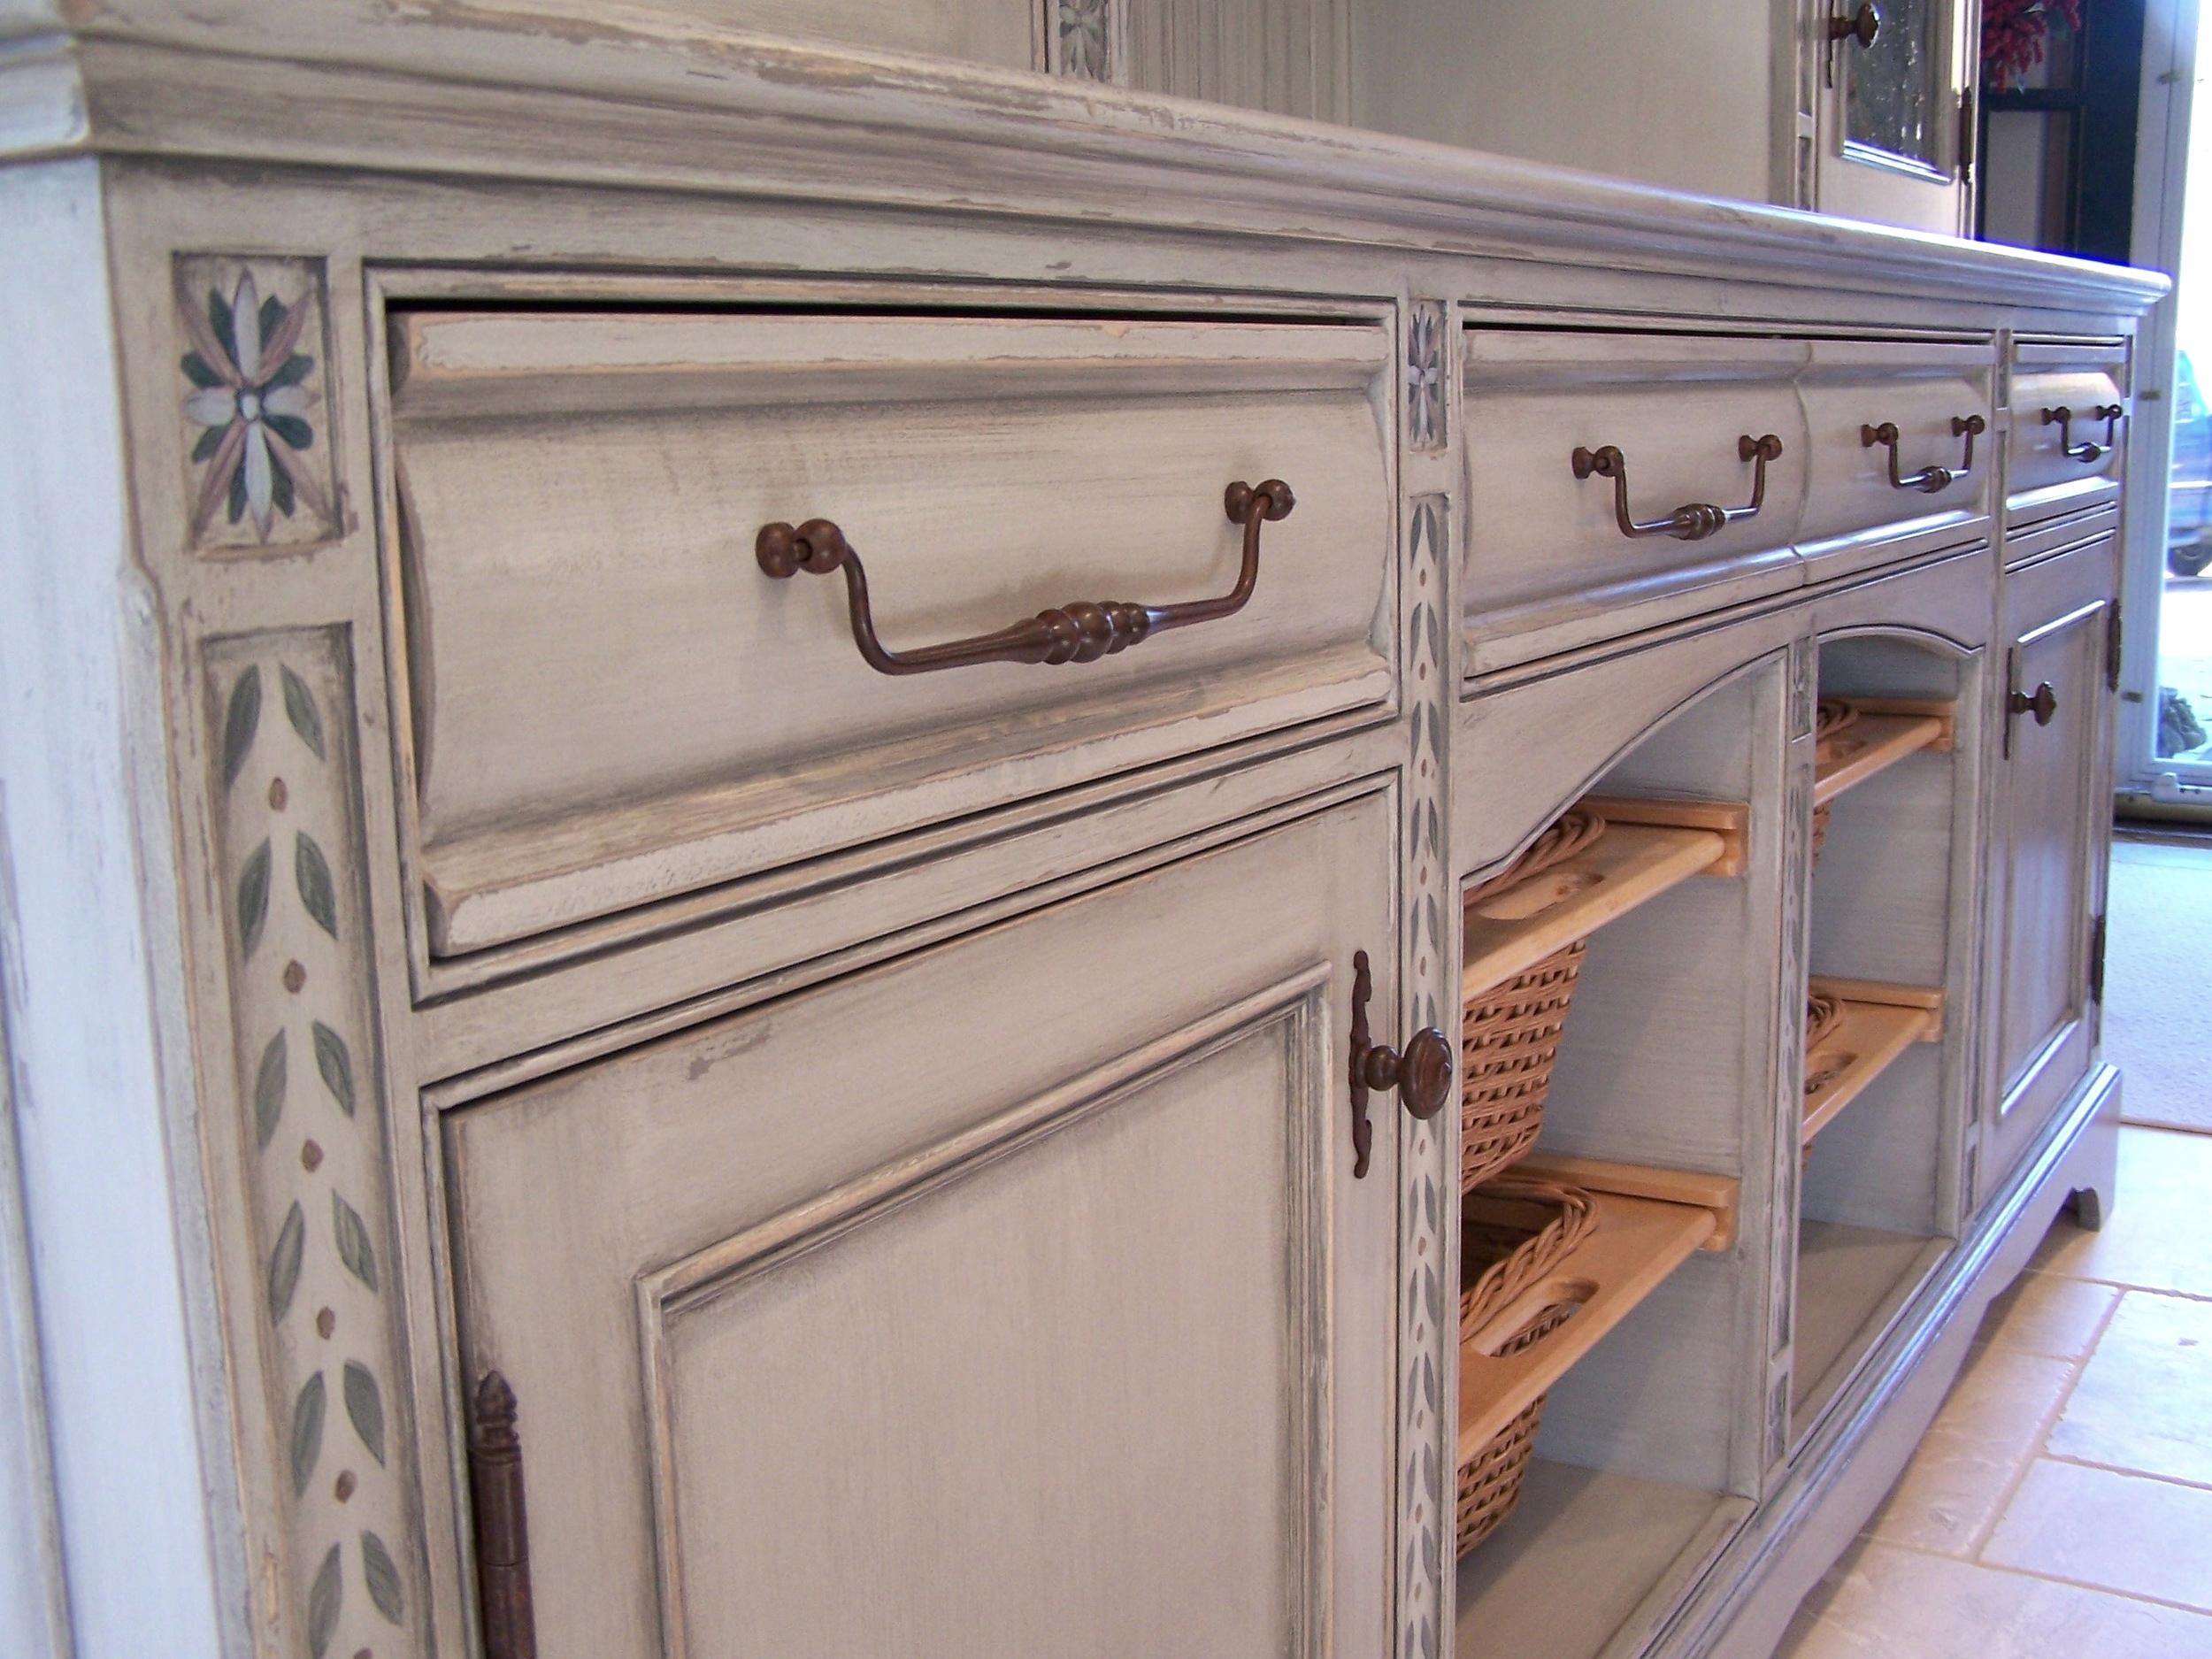 French kitchen, Hamilton - detail